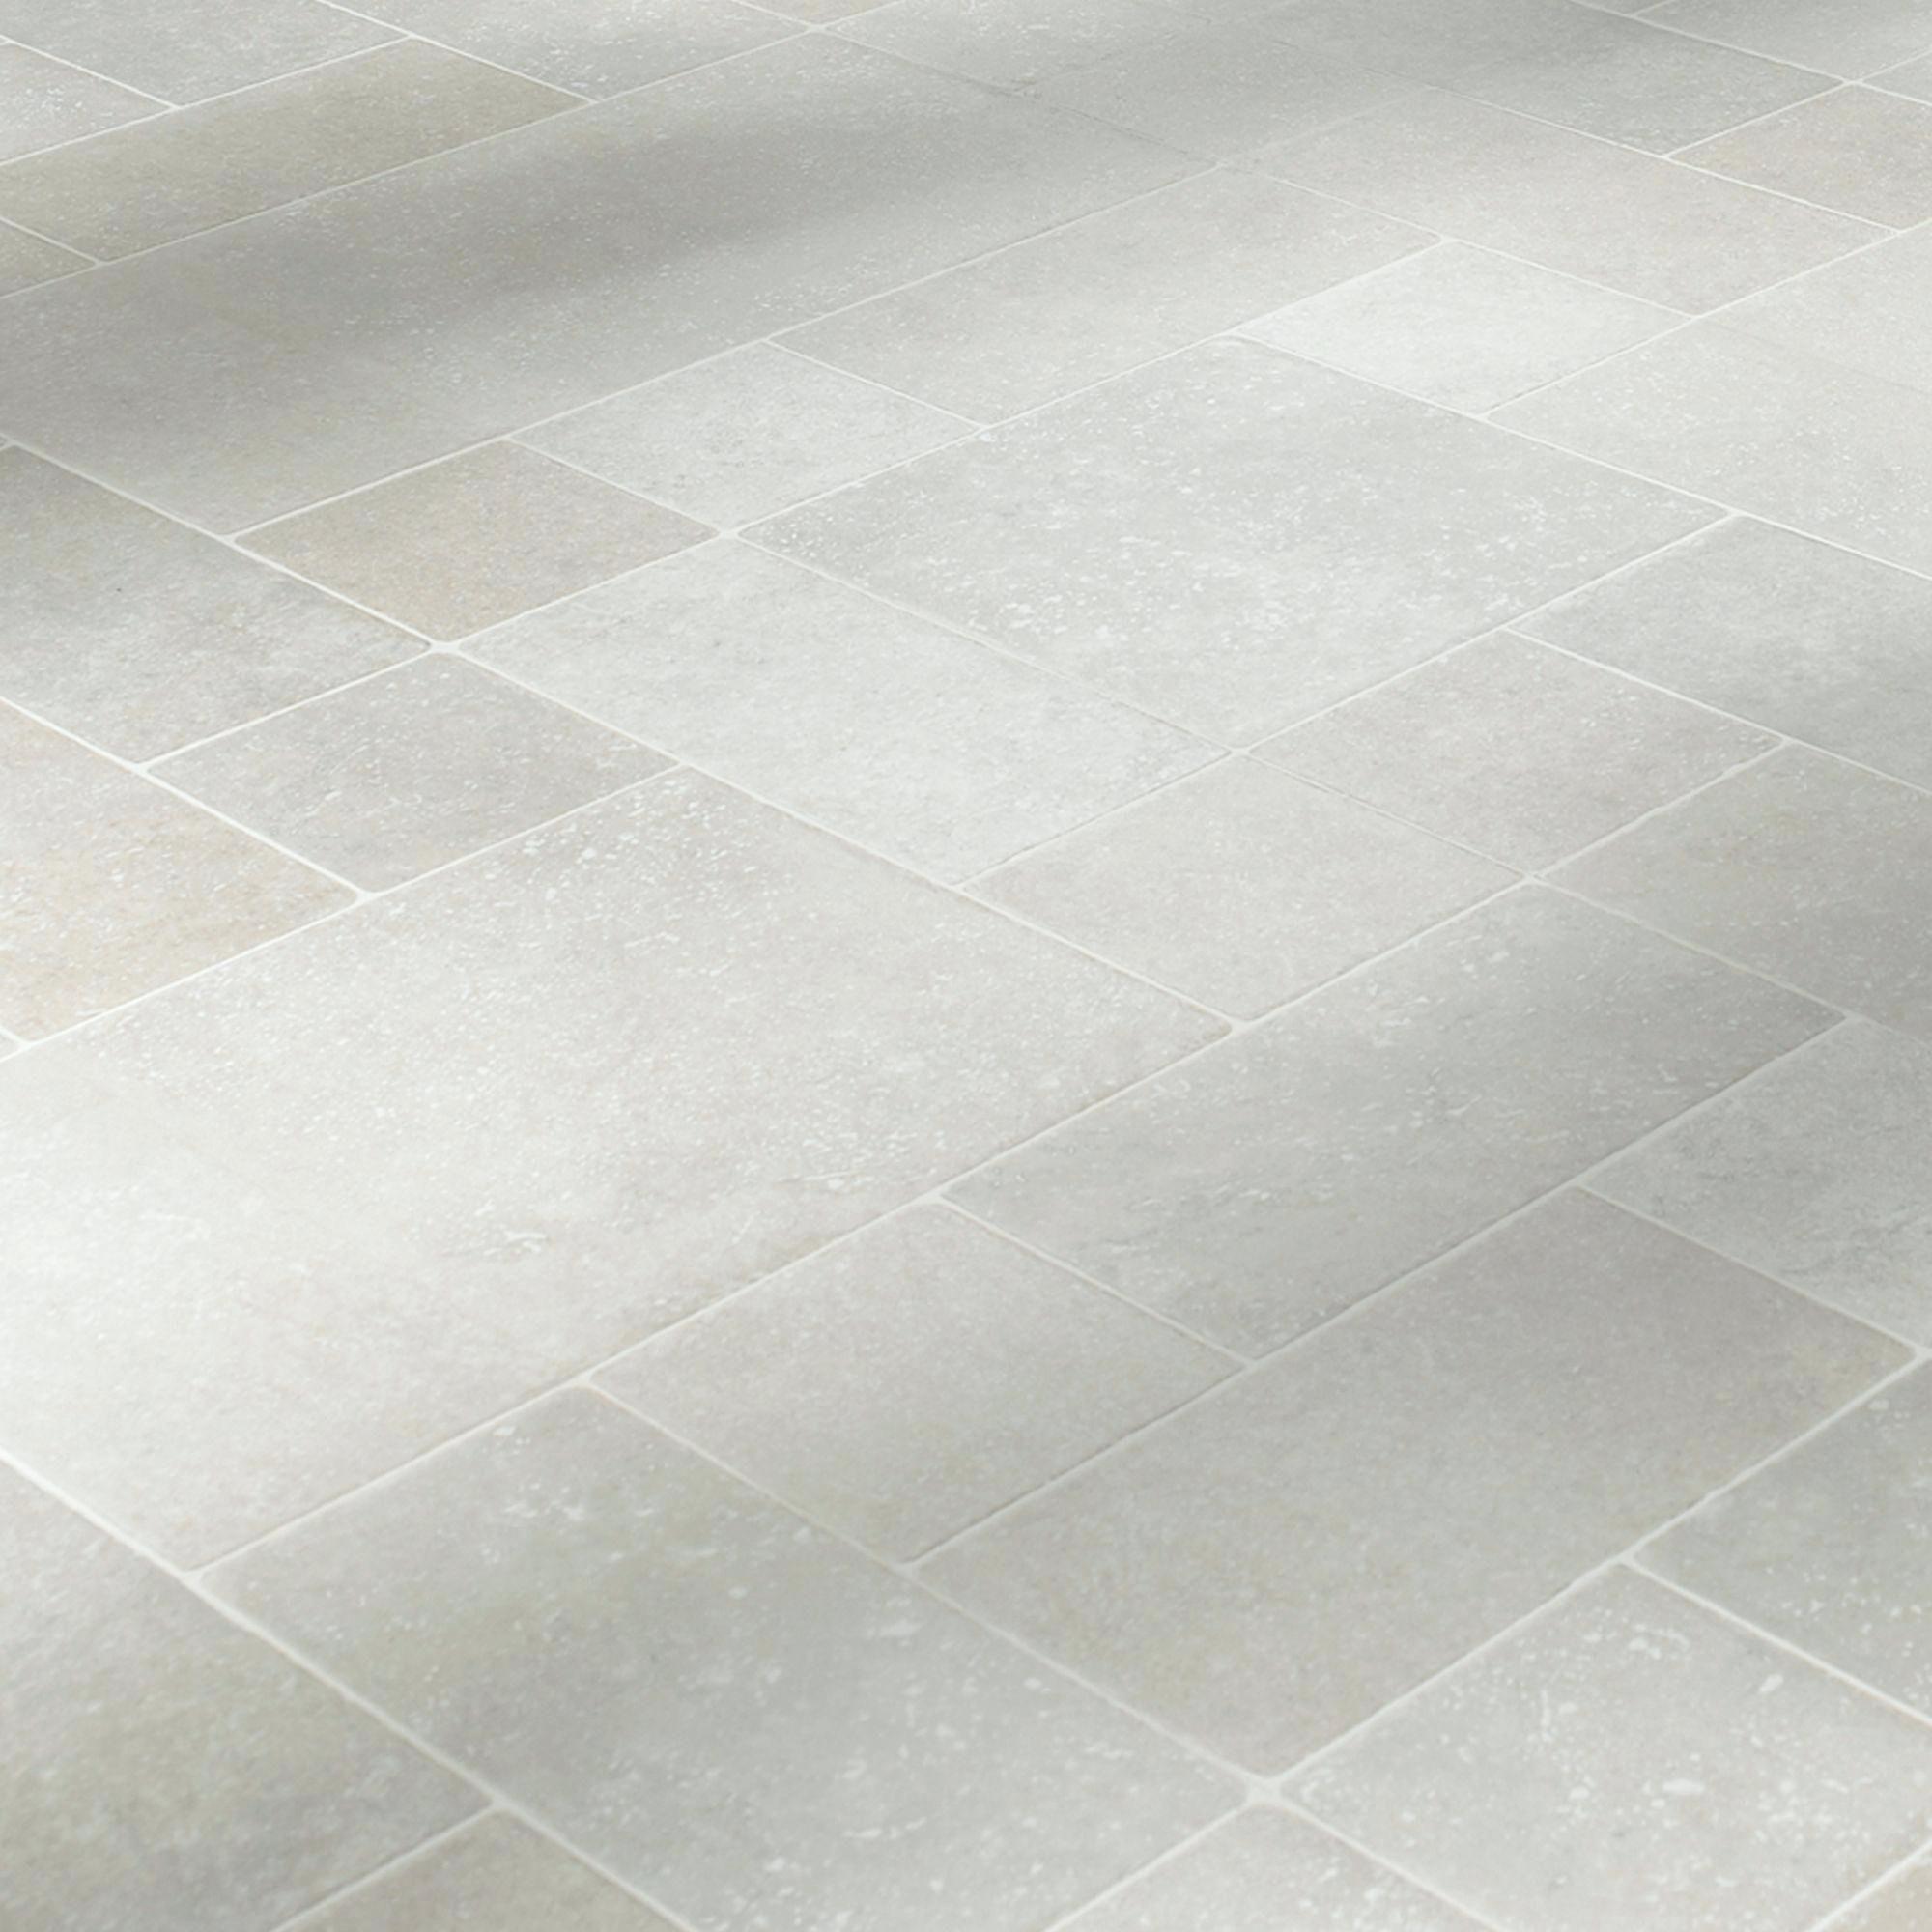 Homebase Floor Tiles Slate Httpnextsoft21 Pinterest